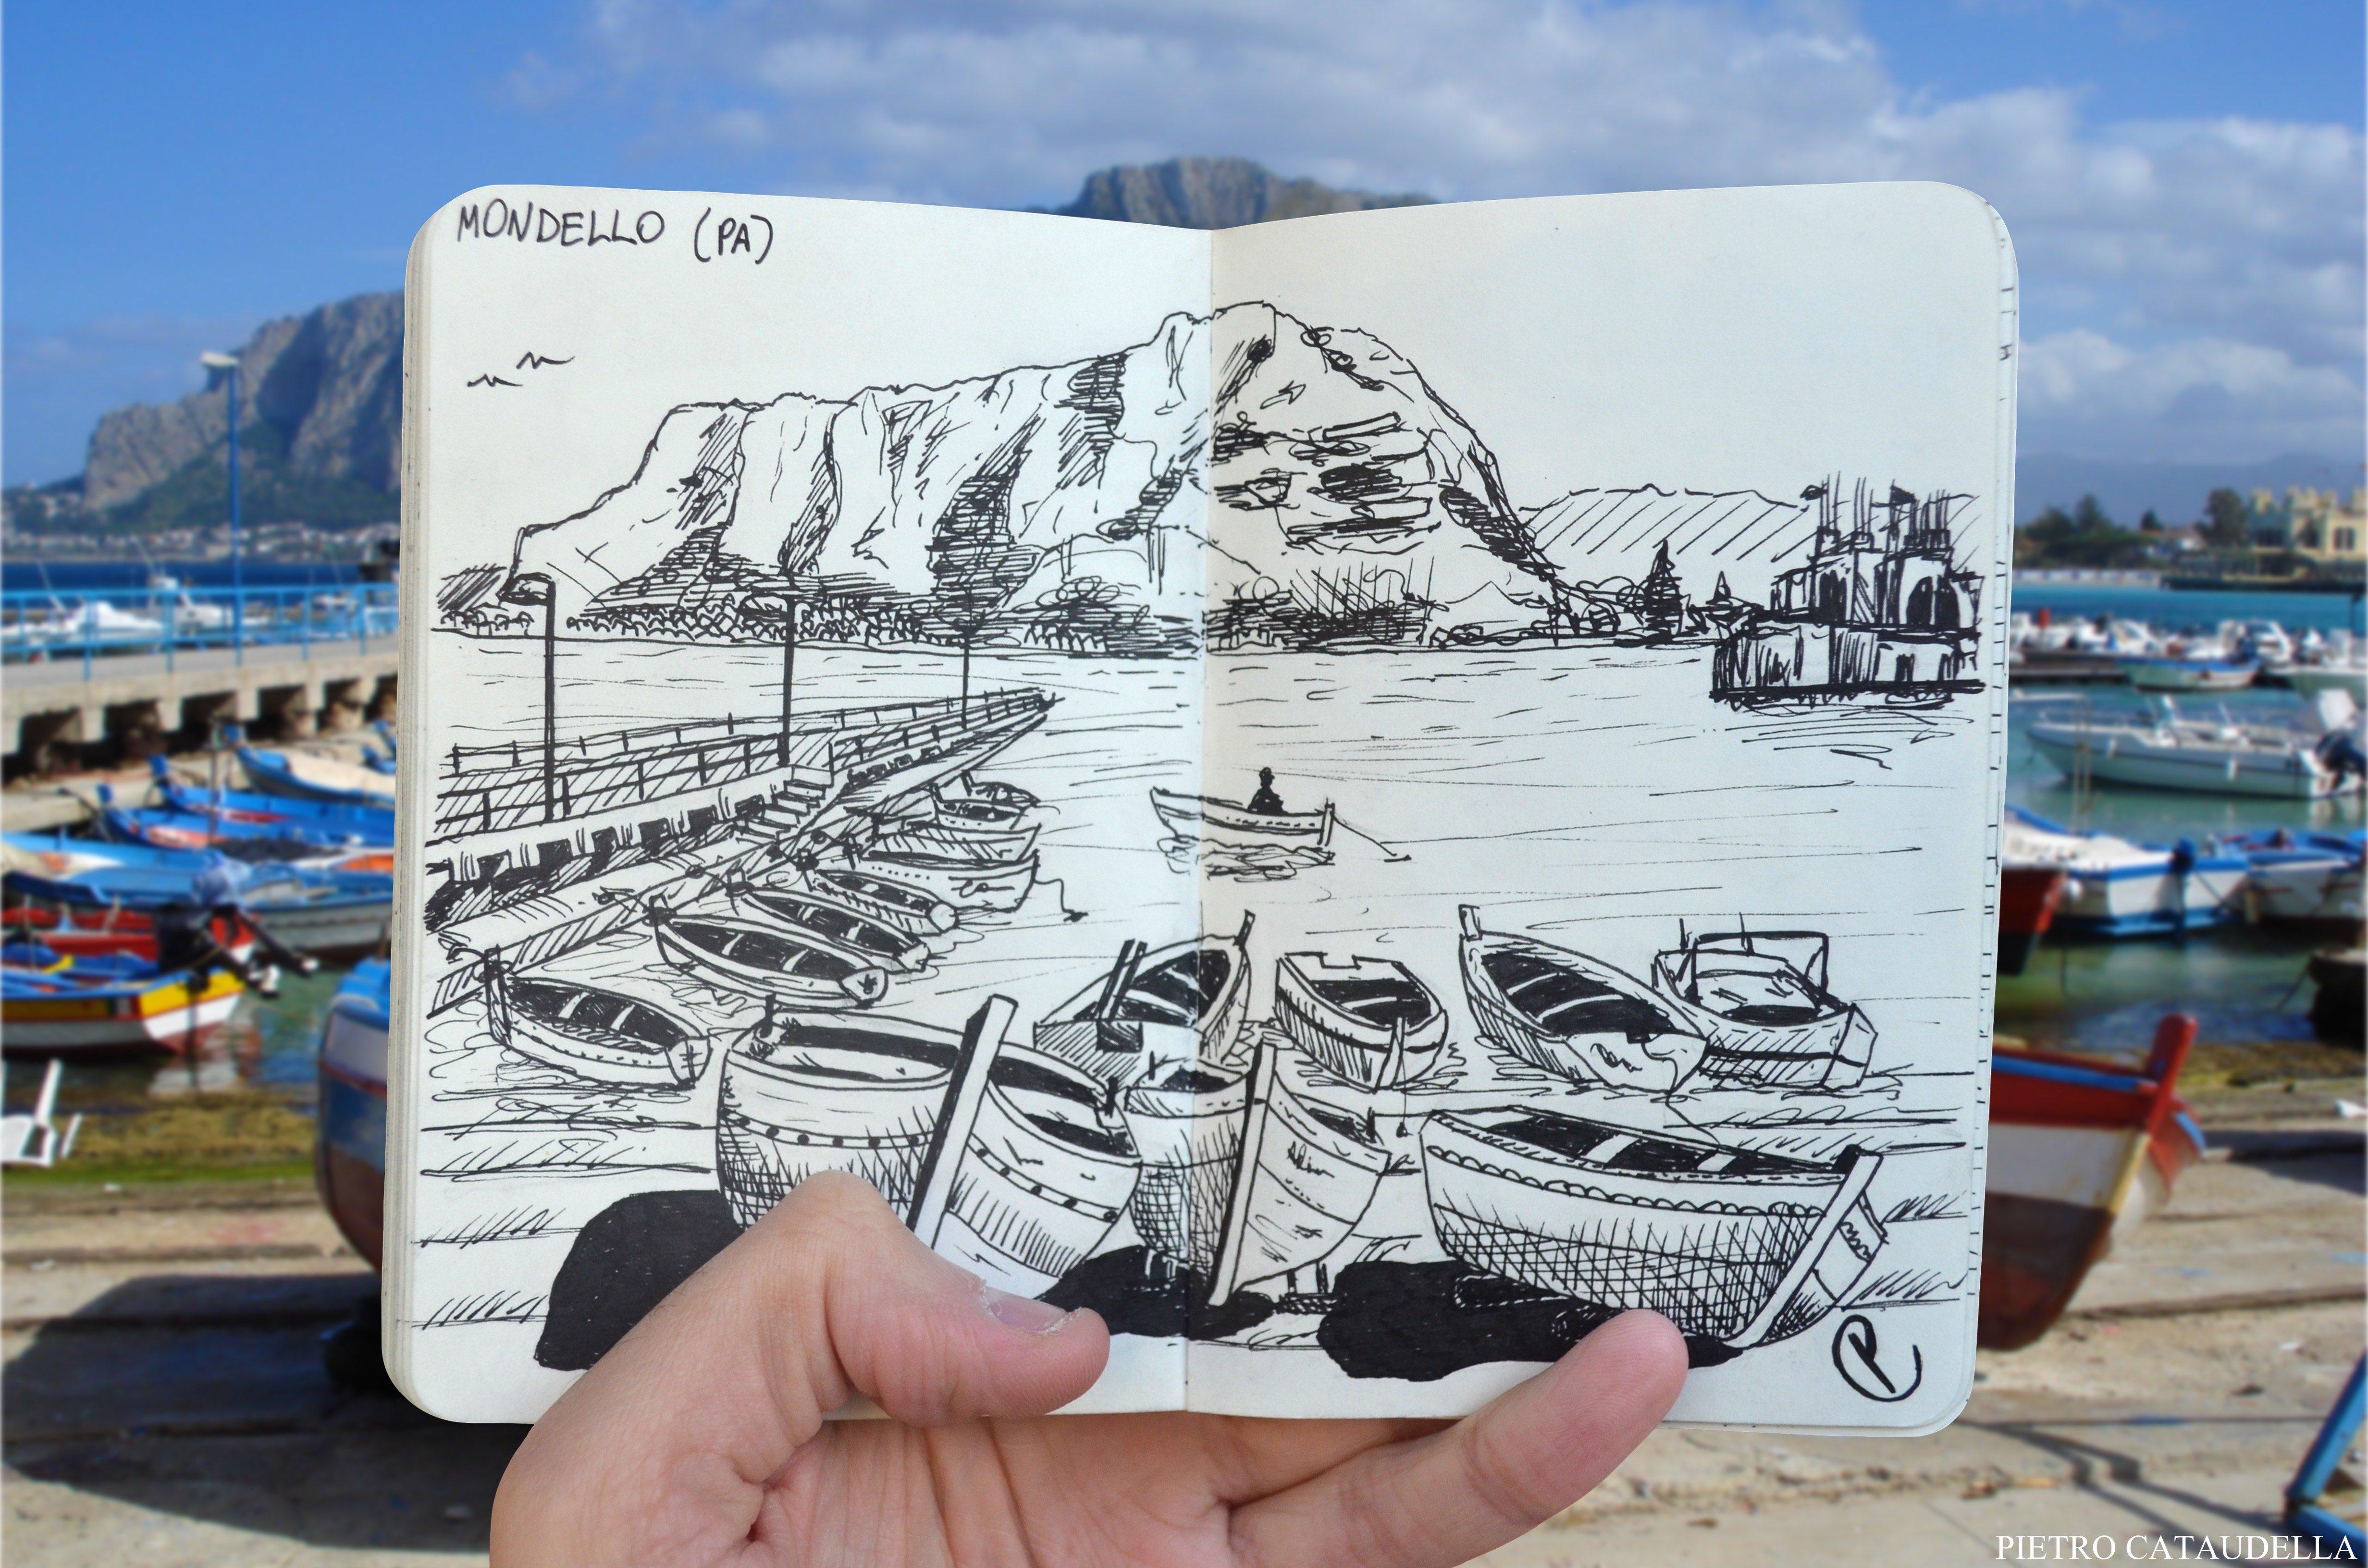 Mondello Live Sketch